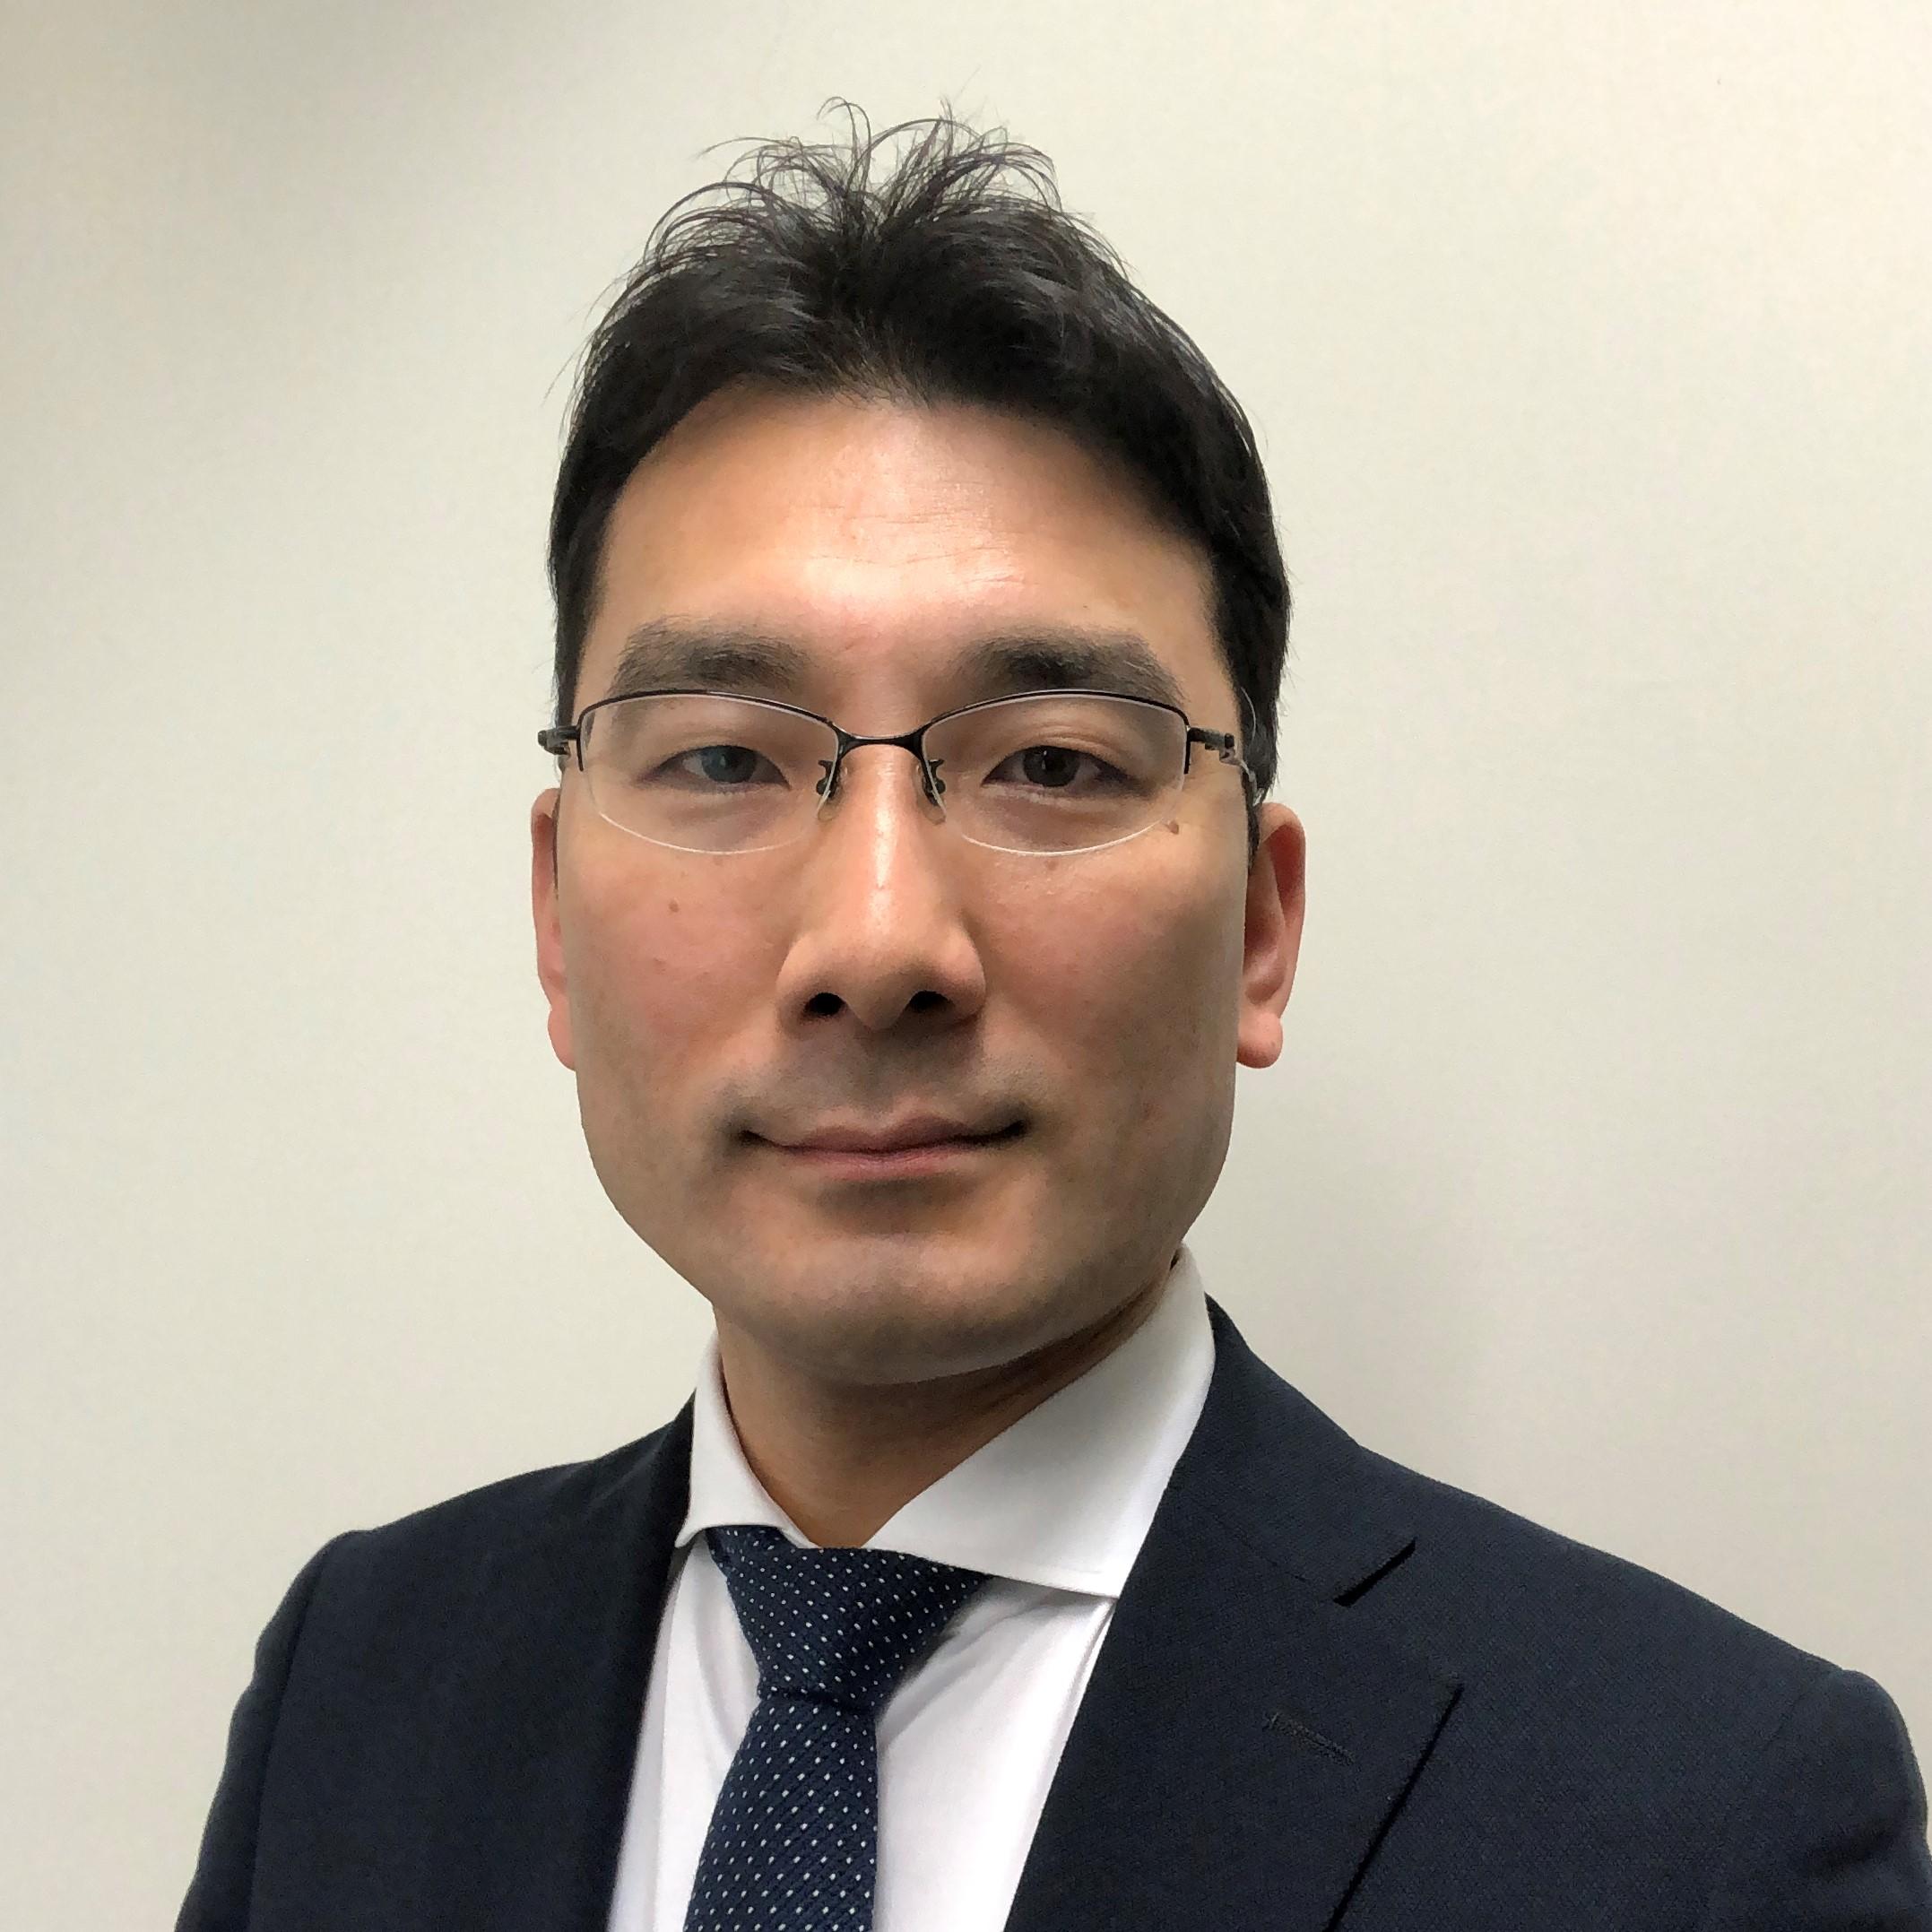 Daisuke Kondo